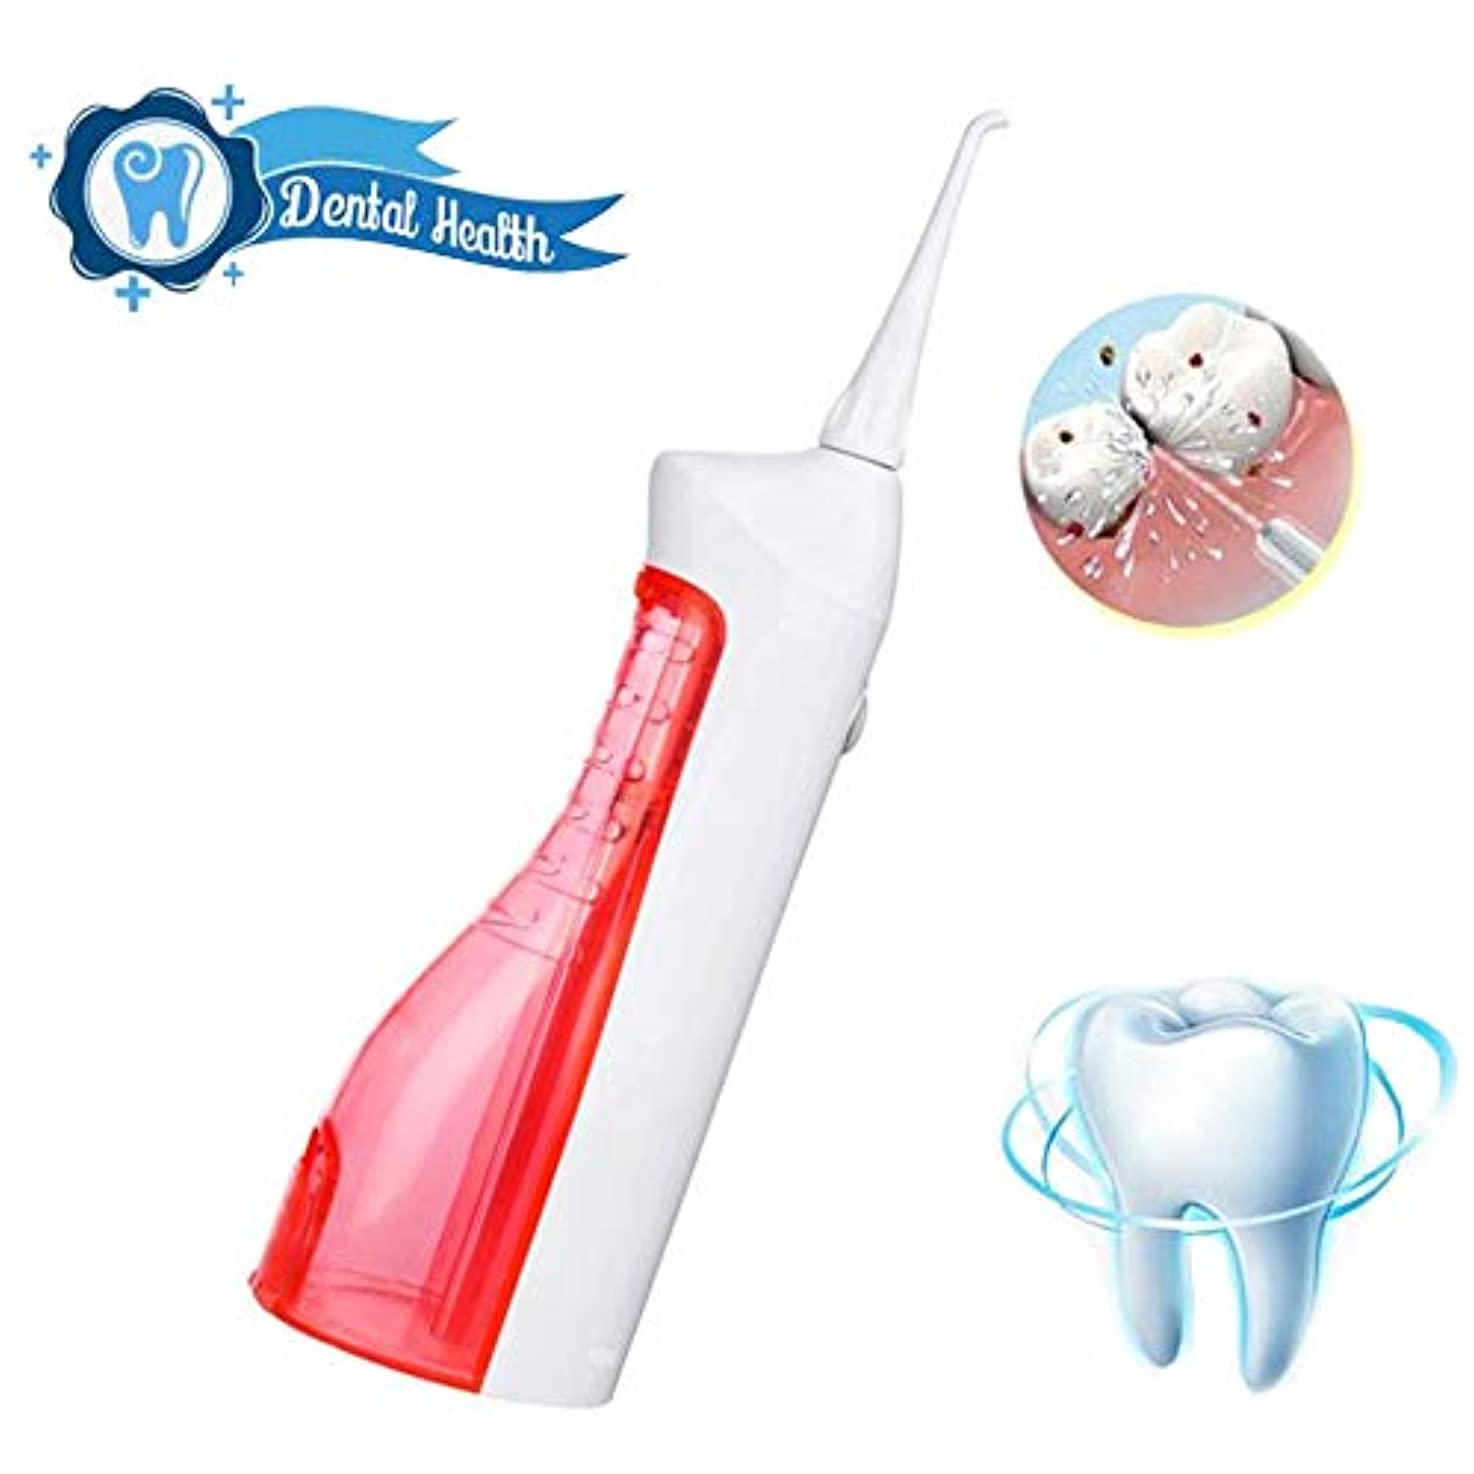 オレンジ巨人座標歯のためのウォーターフロッサー、ポータブルプロフェッショナルコードレス歯科口腔灌漑器(150mlタンク、2本のジェットチップ付き)歯磨き粉用クリーナー、2つのクリーニングモード、USB充電式、IPX7